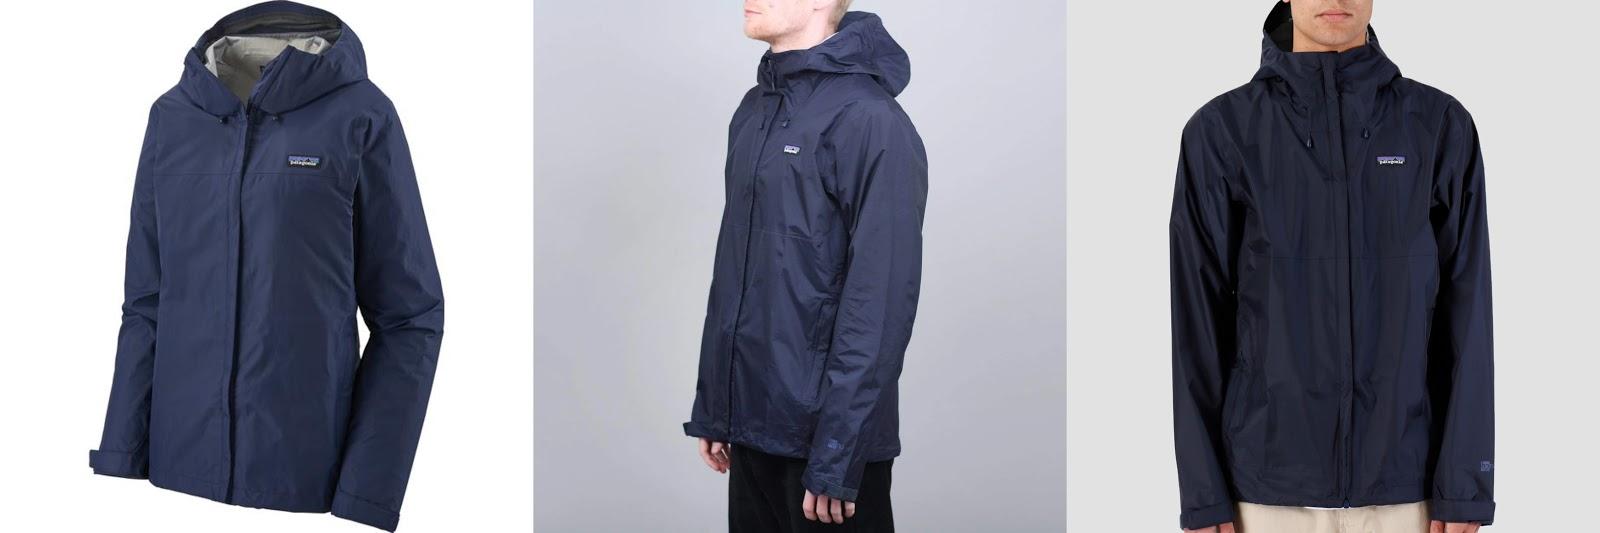 Patagonia Torrentshell Jacket in Navy